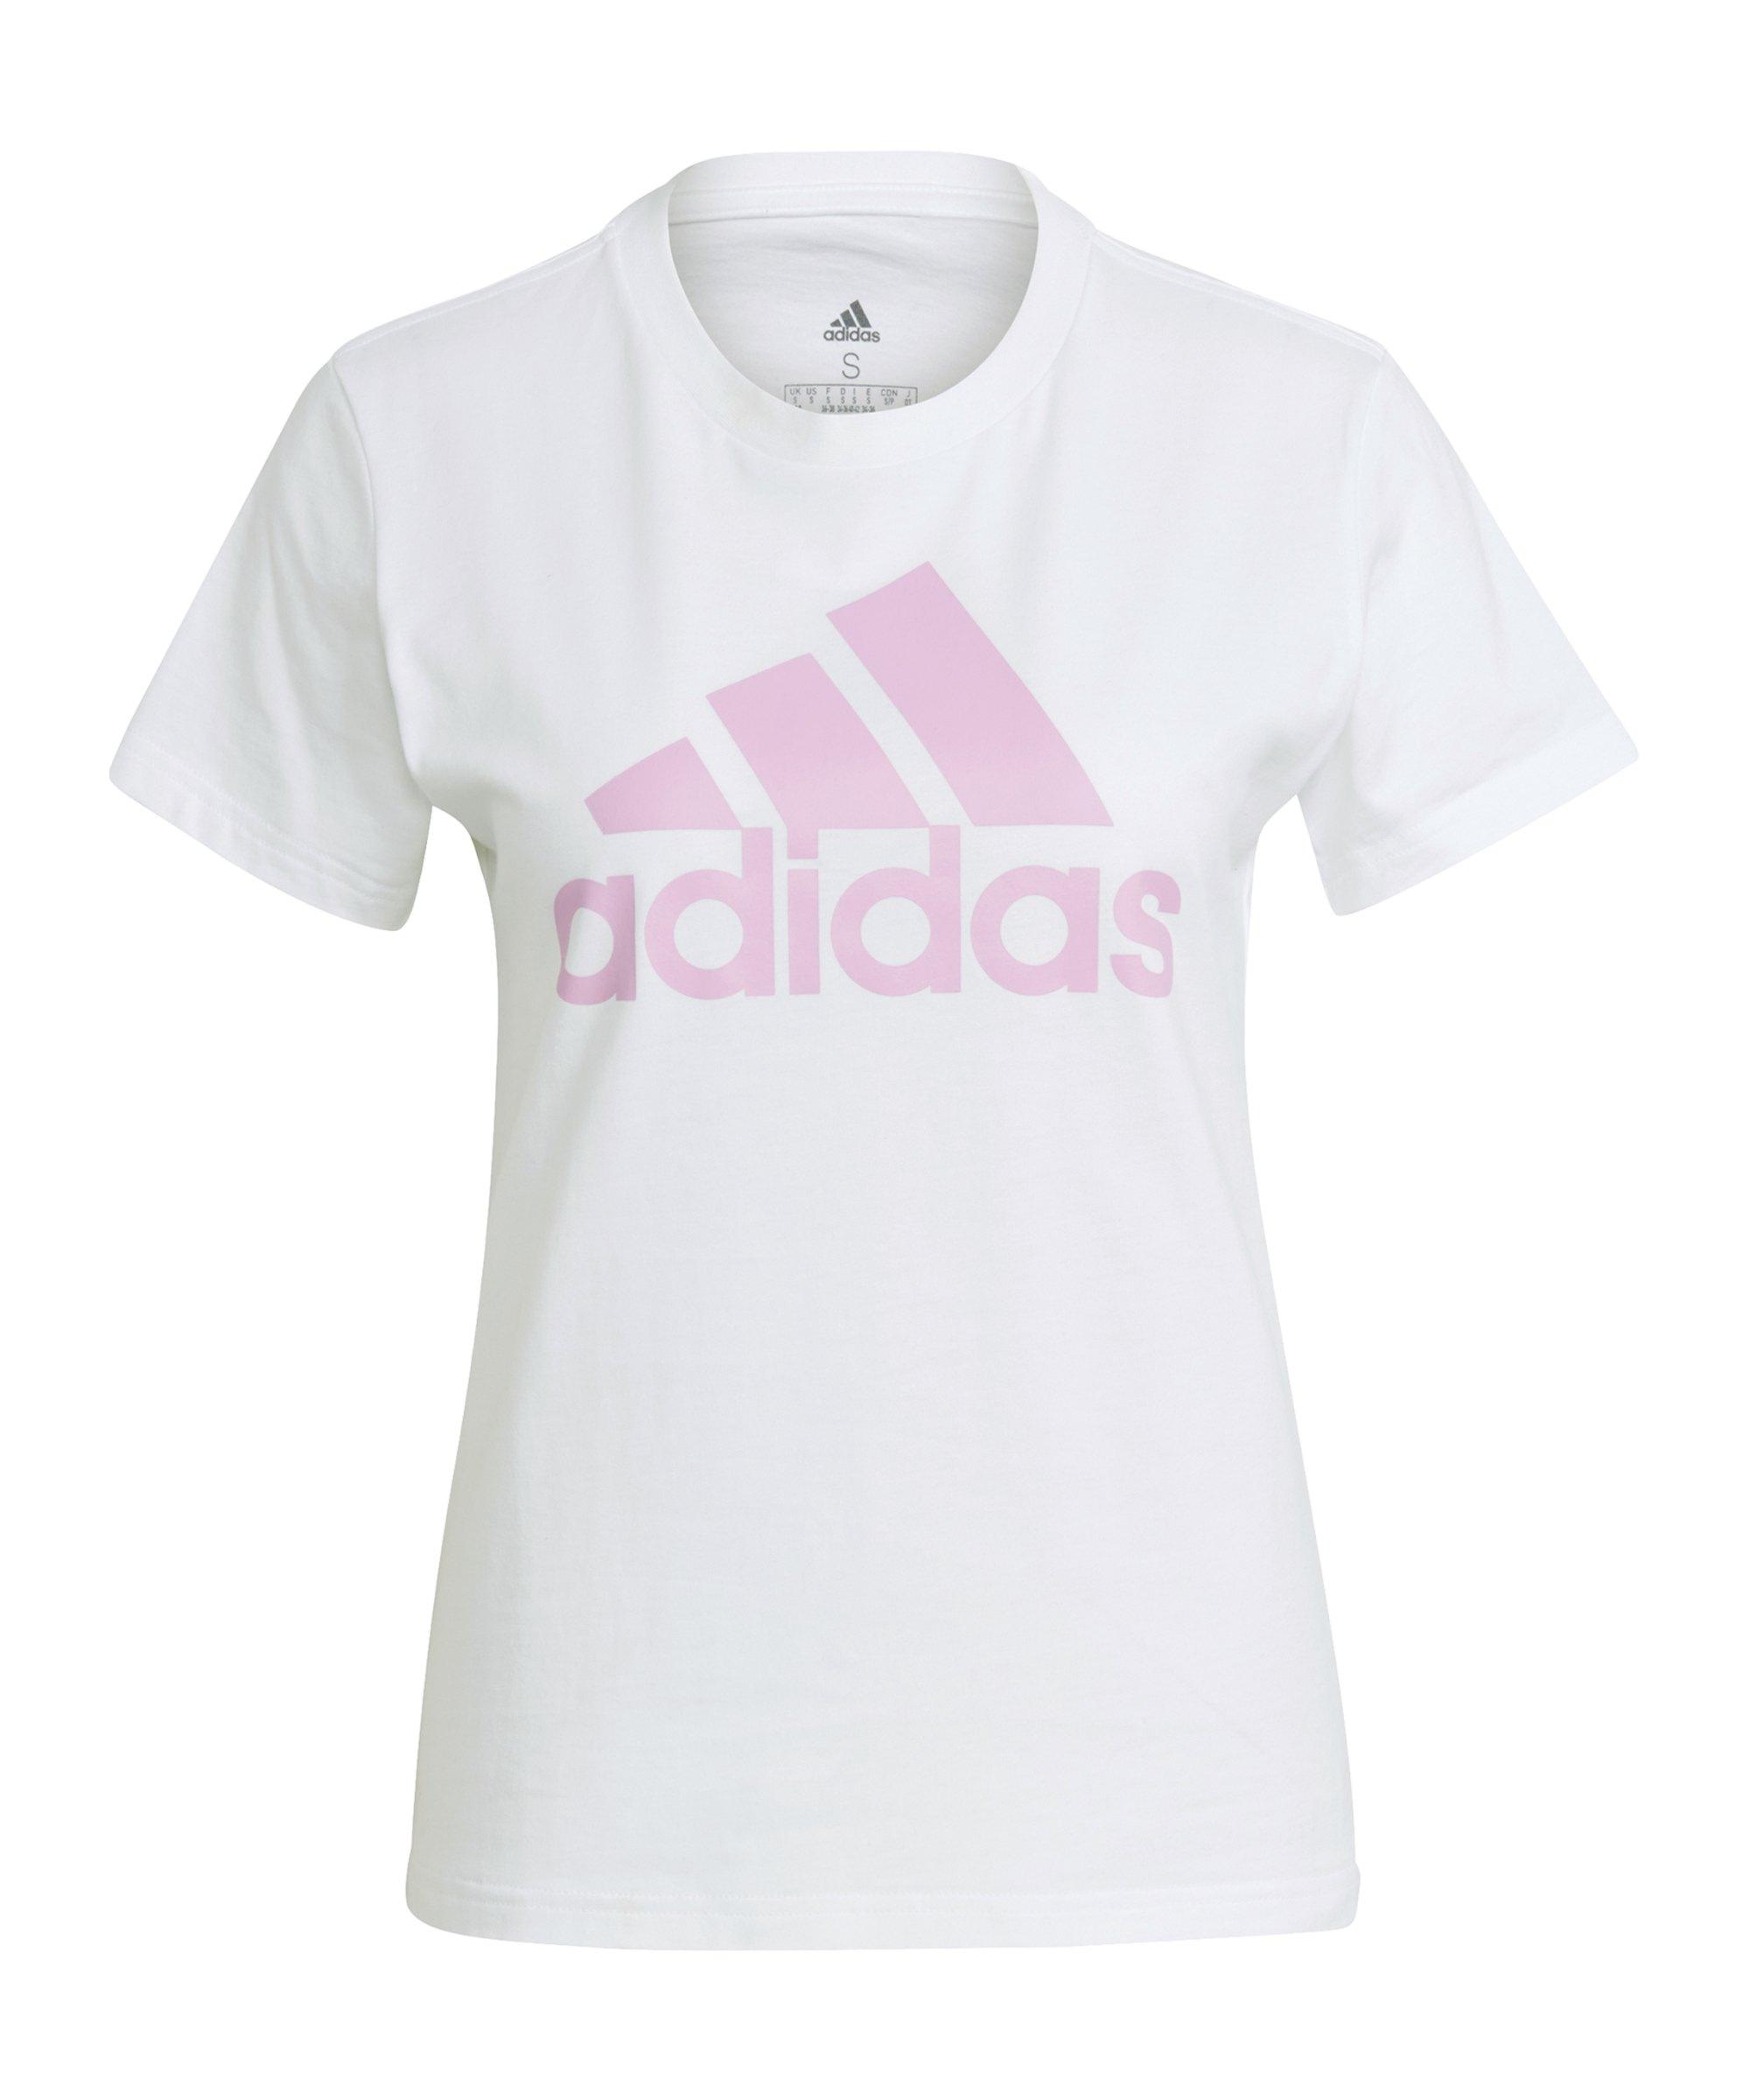 adidas Essentials Regular T-Shirt Damen Weiss Lila - weiss